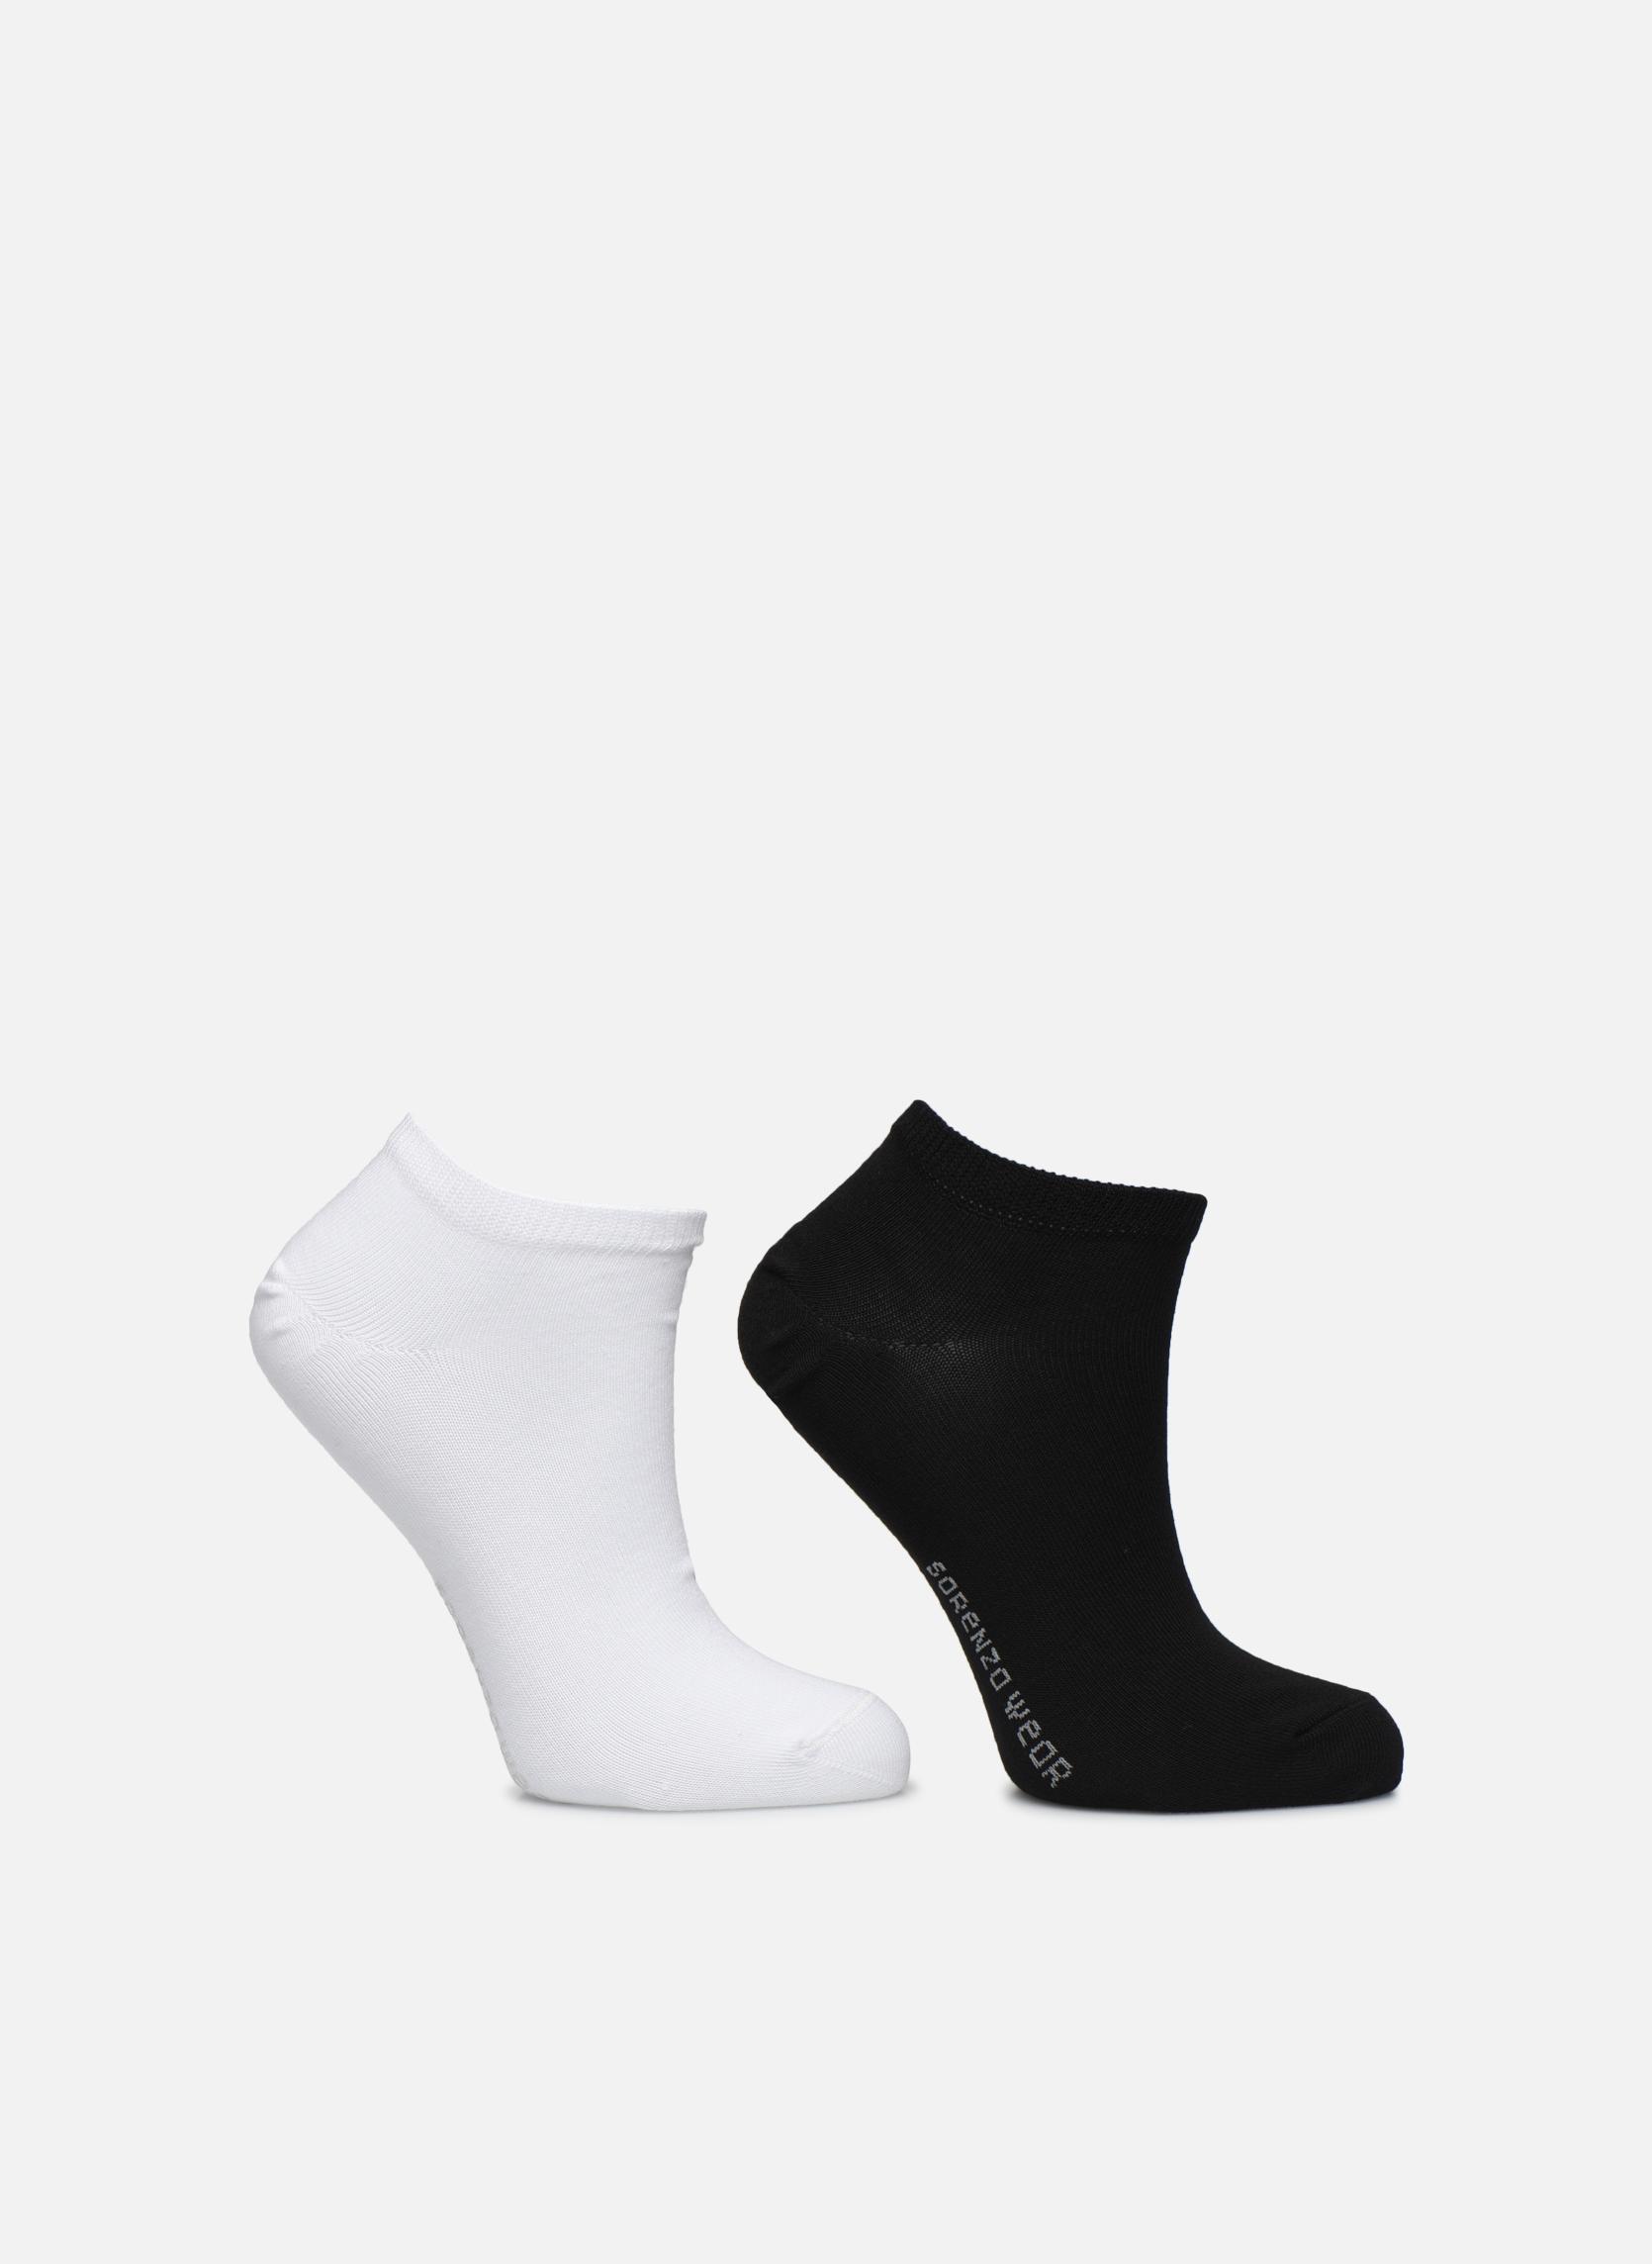 Transparente Socken unies 2er-Pack